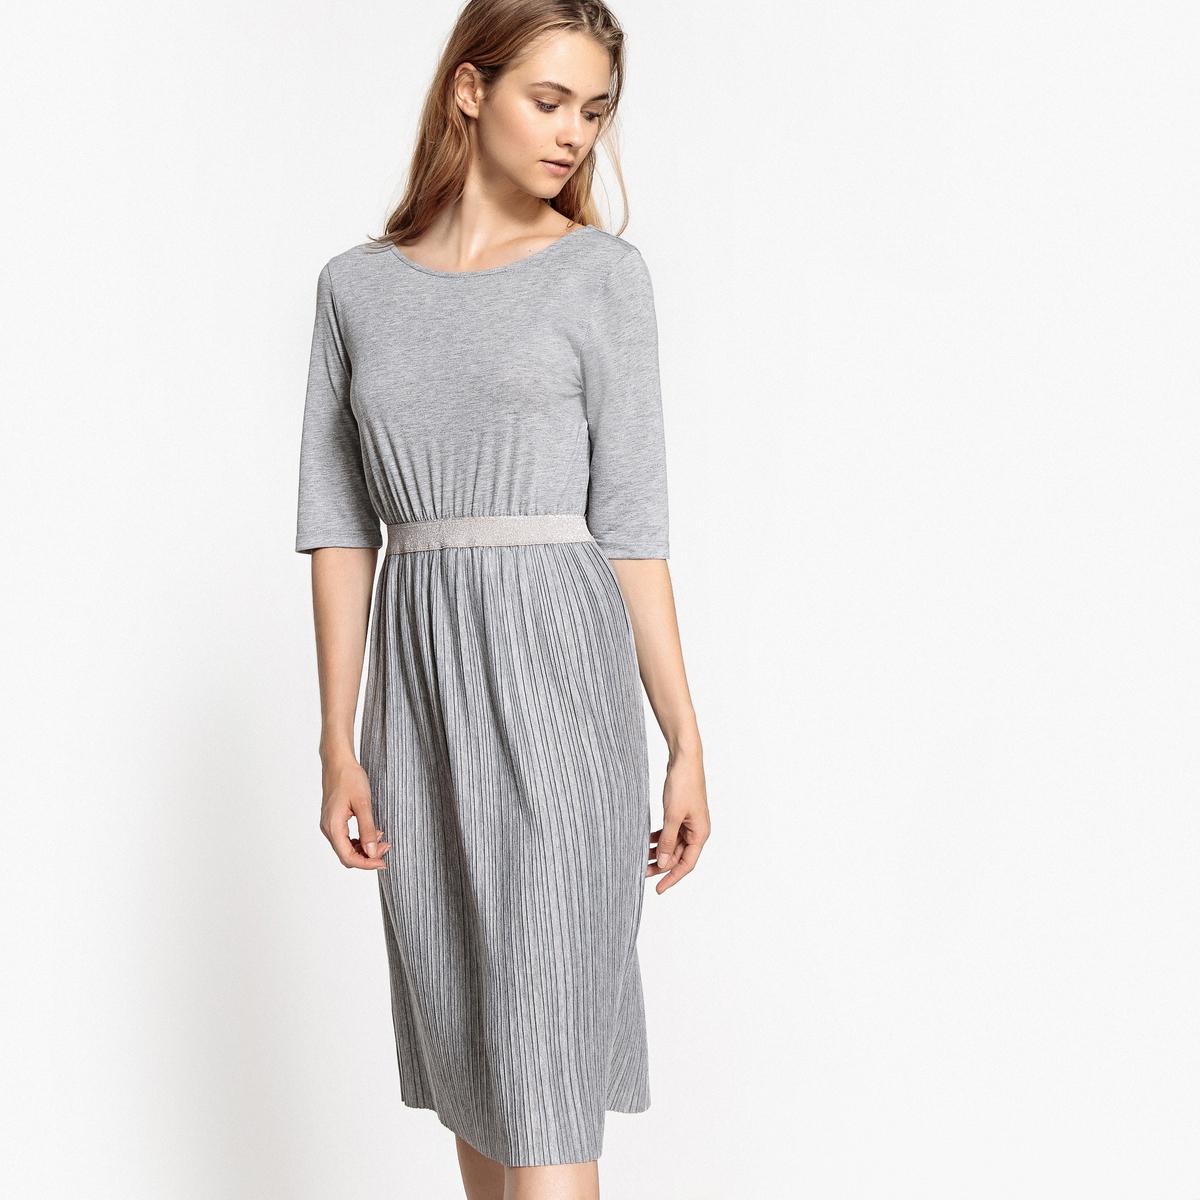 Dzianinowa, plisowana sukienka, dekolt z tyłu